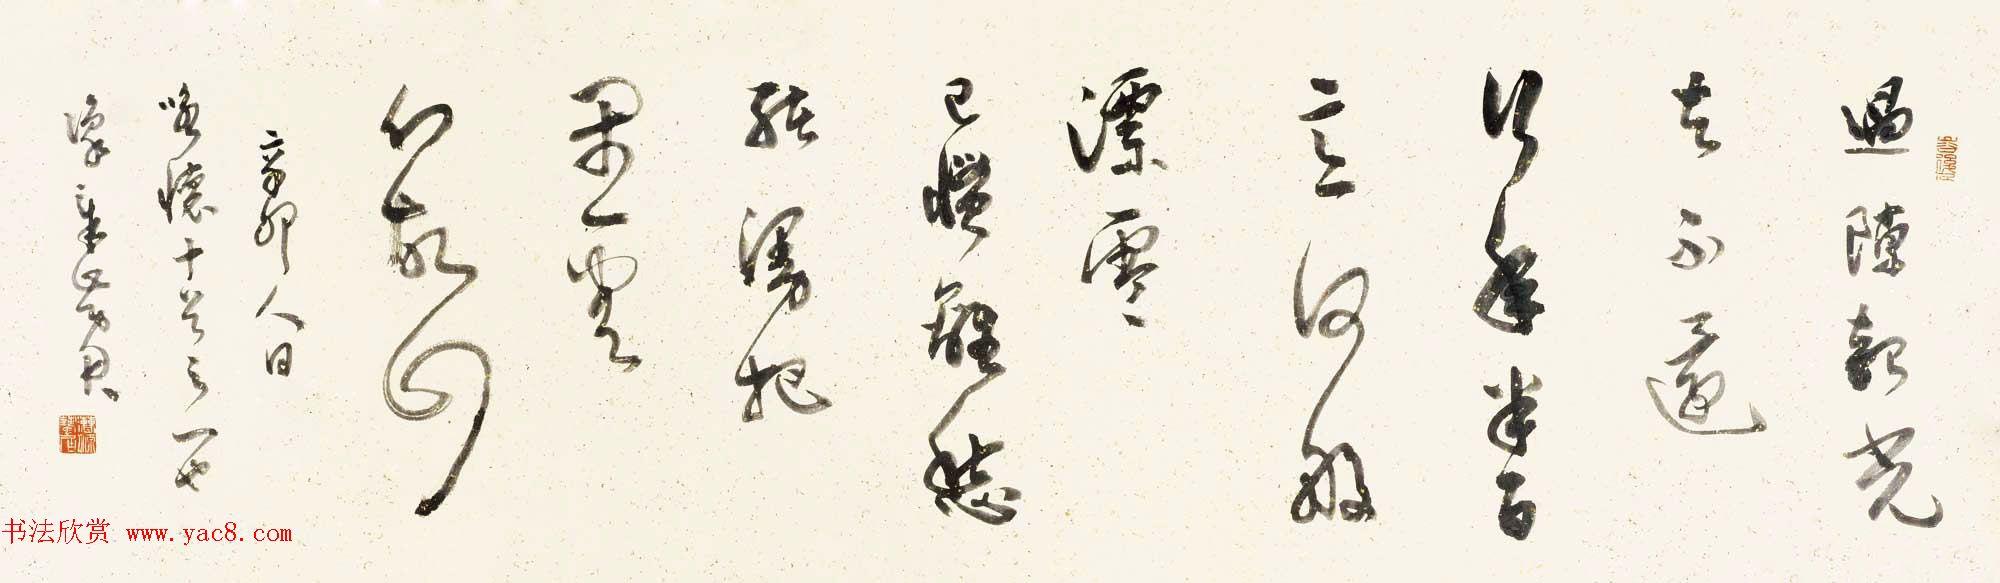 中国十大狂草书法家_当代著名书法家黄君草书作品欣赏(5)